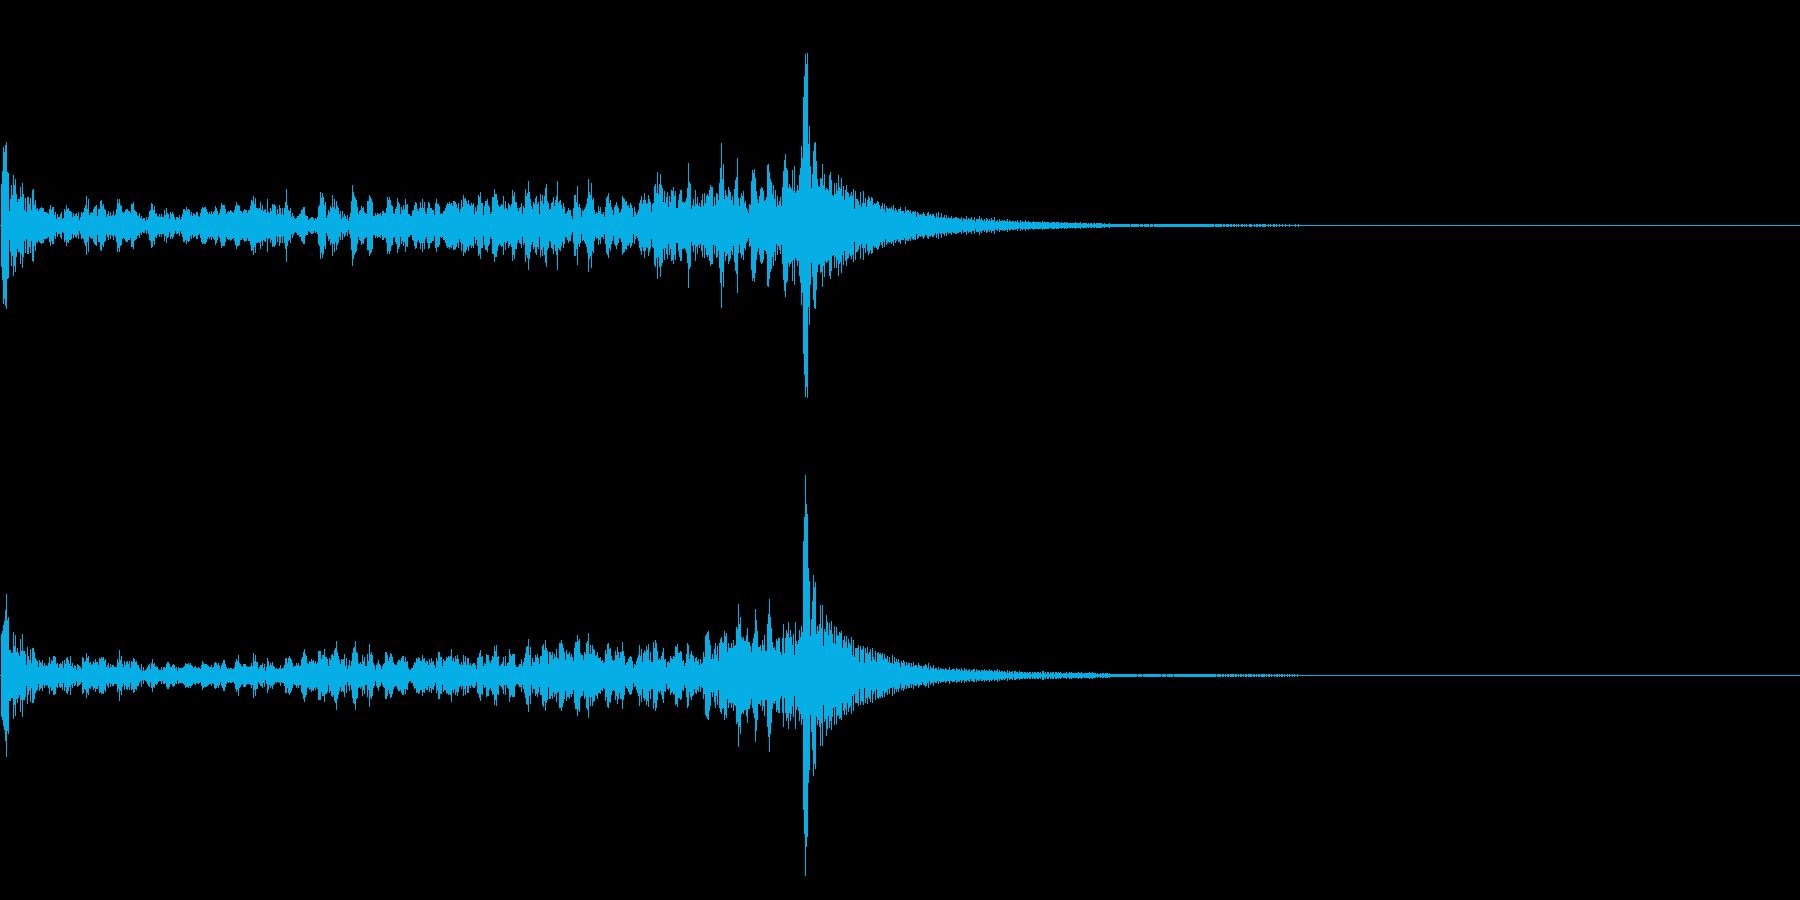 ティンパニーロール☆ミドル3の再生済みの波形